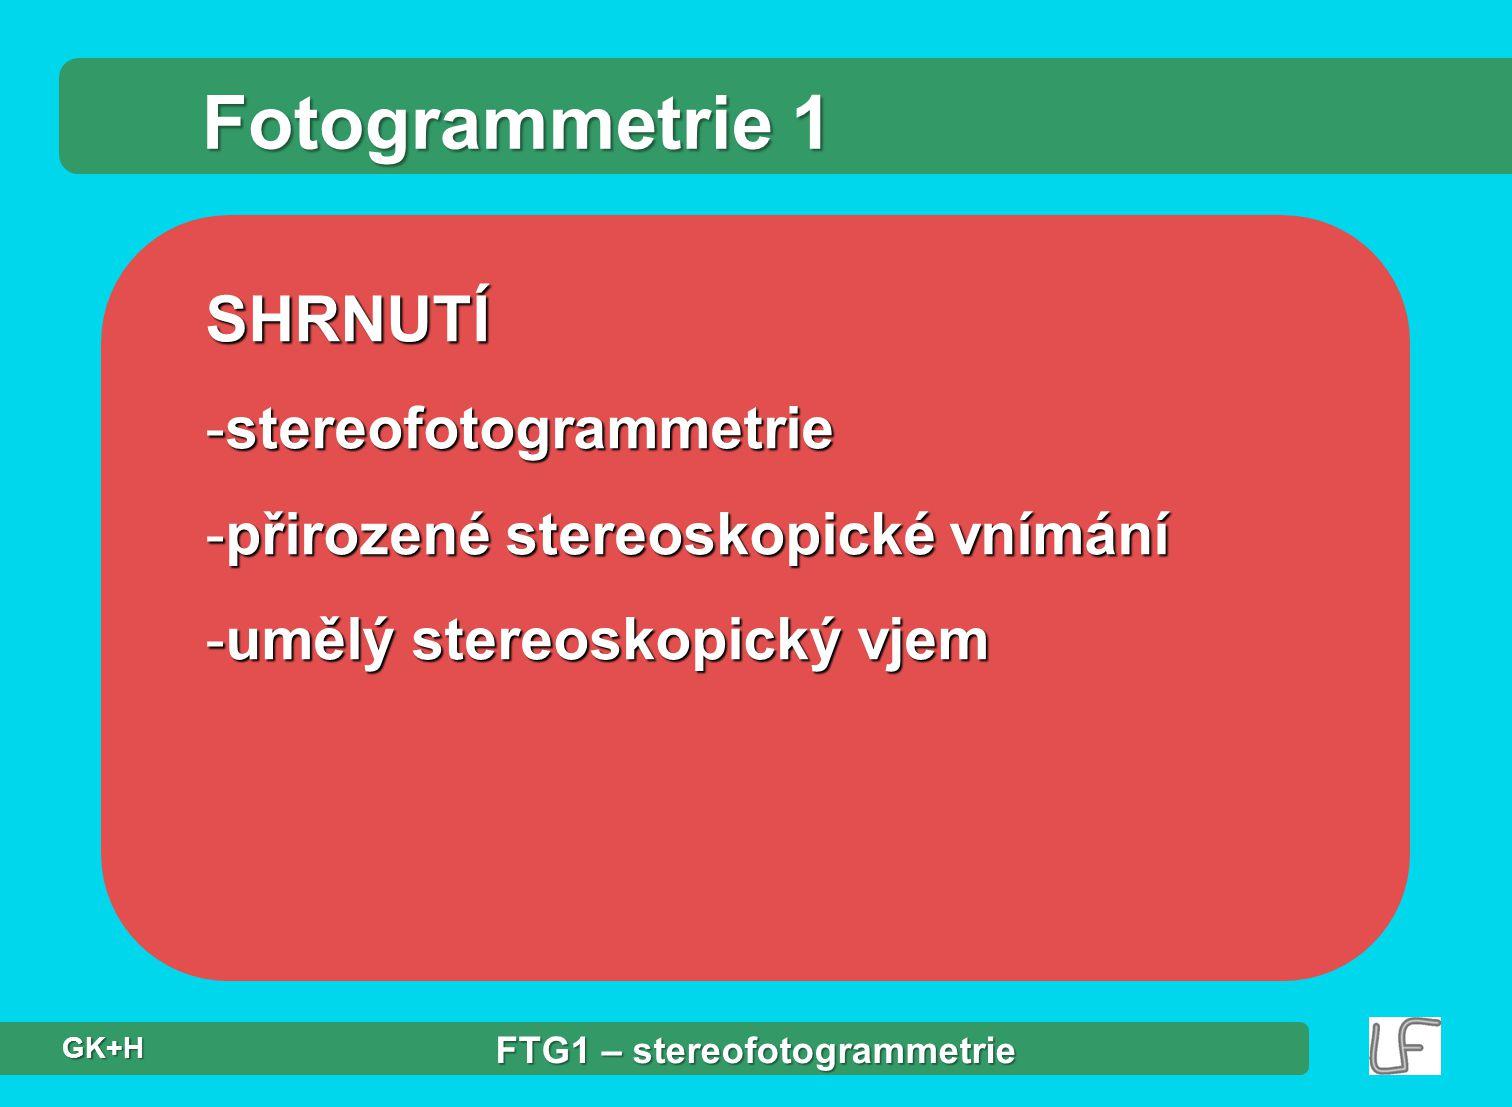 SHRNUTÍ -stereofotogrammetrie -přirozené stereoskopické vnímání -umělý stereoskopický vjem Fotogrammetrie 1 FTG1 – stereofotogrammetrie GK+H